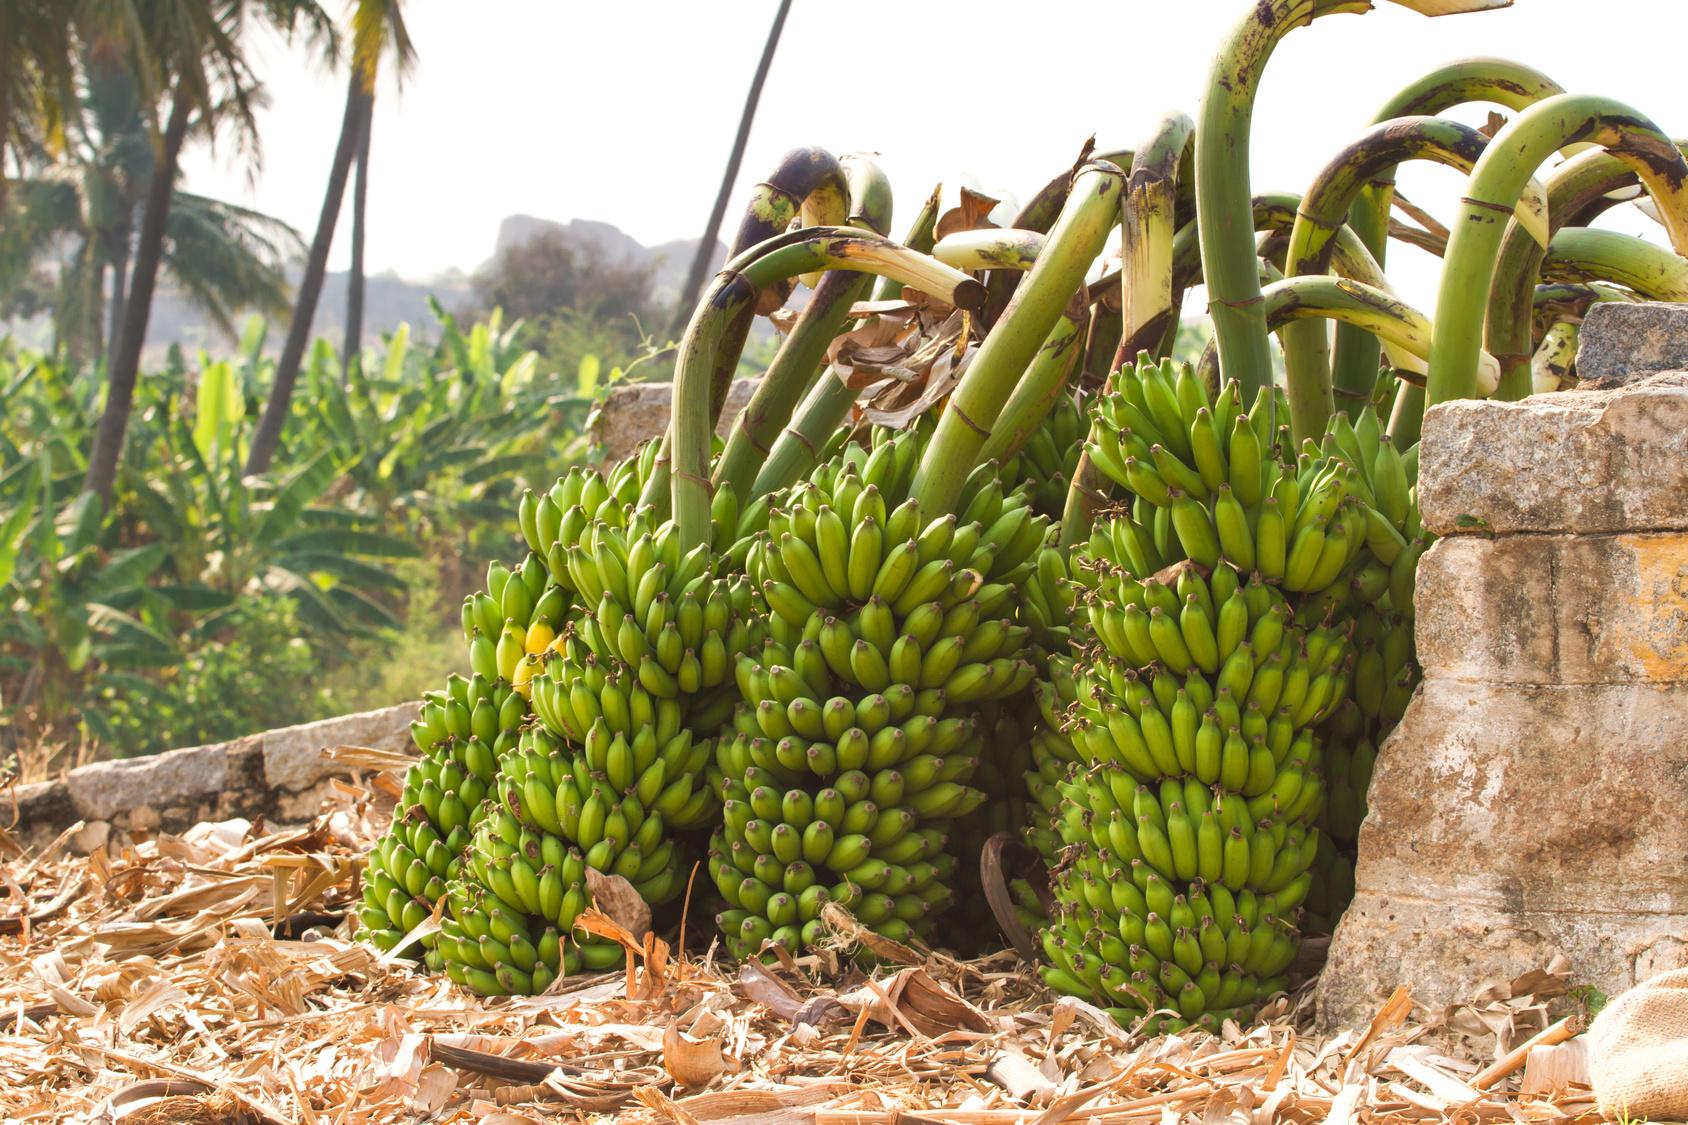 Pianta Di Banana Foto banane: i segreti sul lungo viaggio, conservazione e maturazione